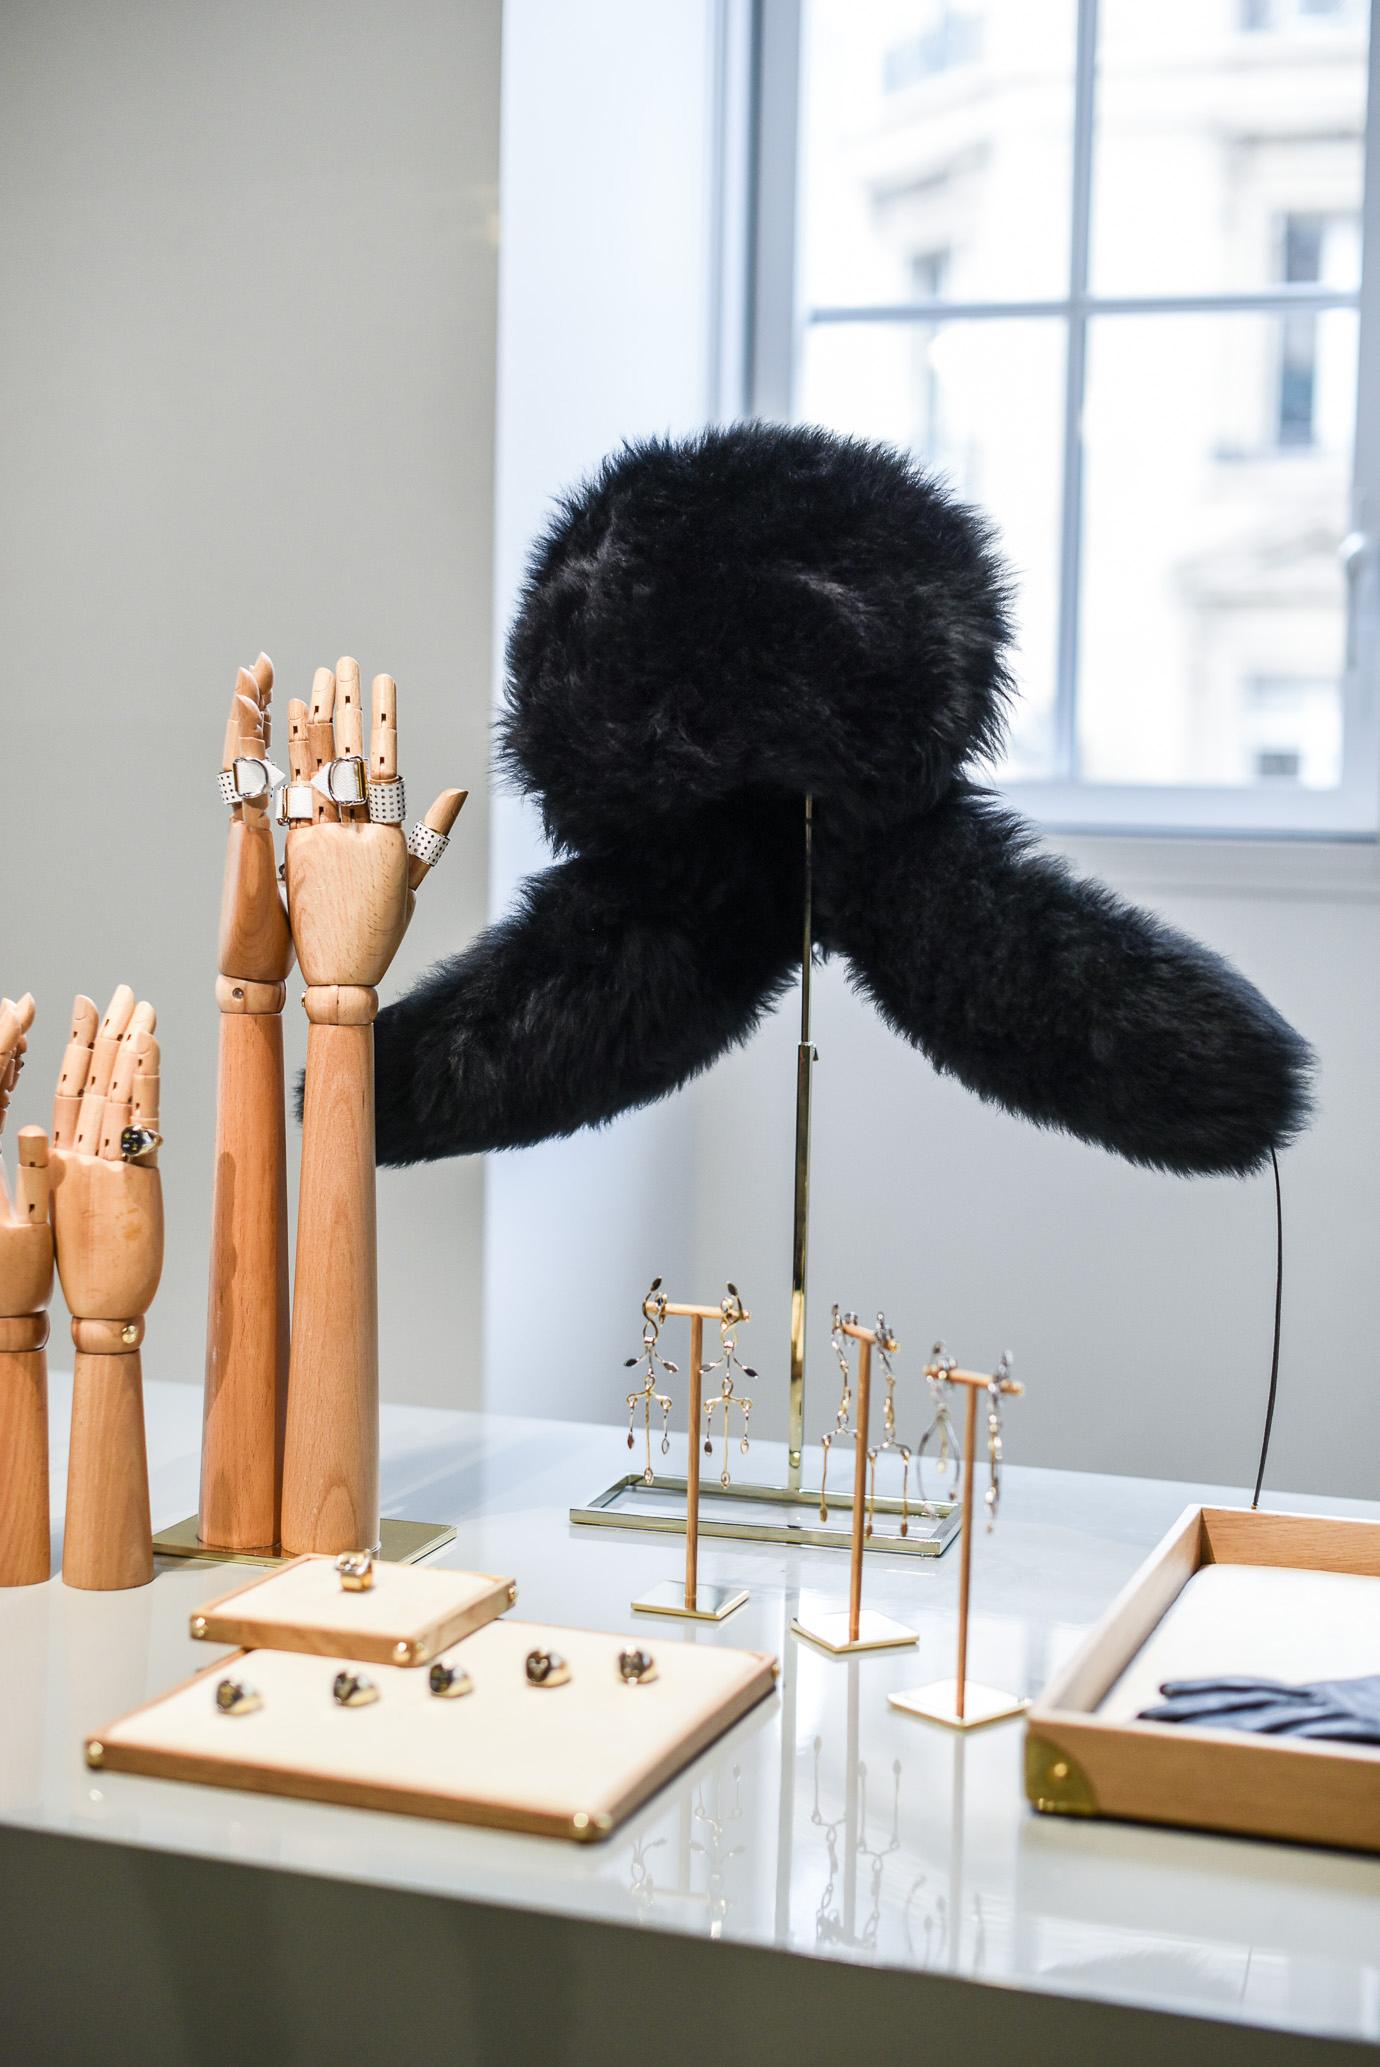 Louis_Vuitton_AW_16_17_Collection_7